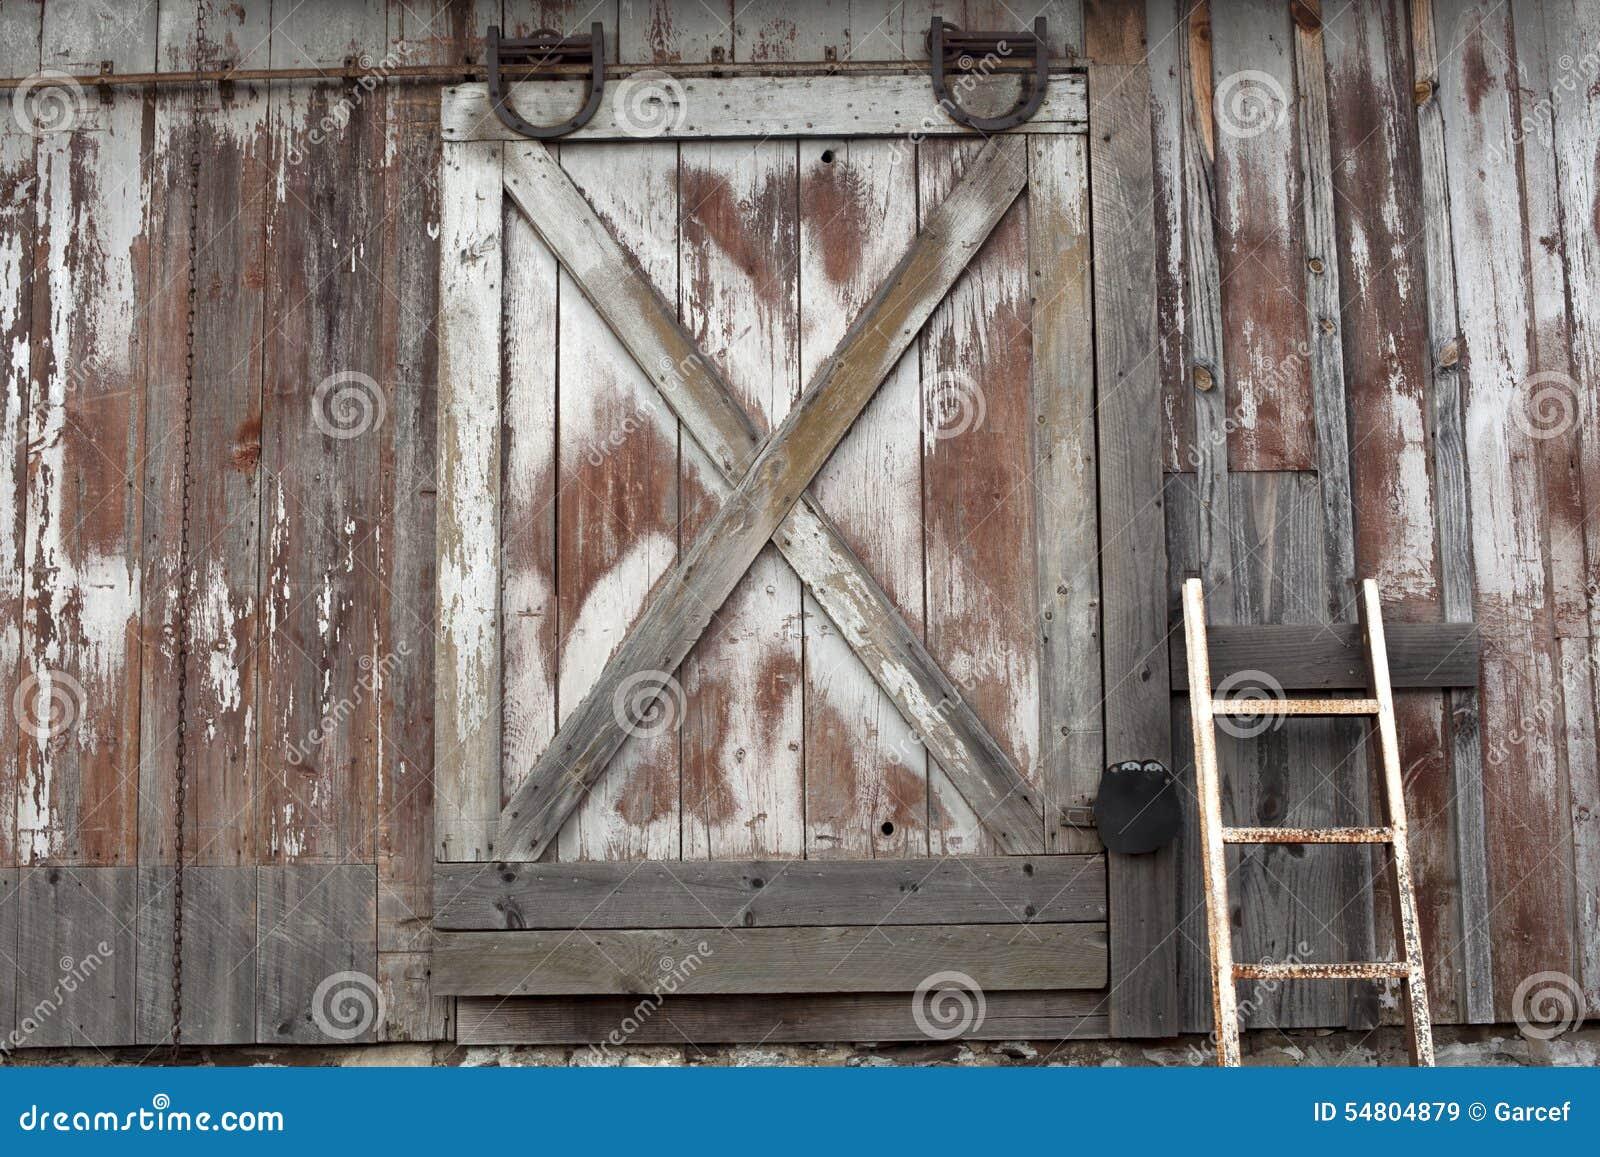 Old Barn Door Stock Images Download 8439 Photos